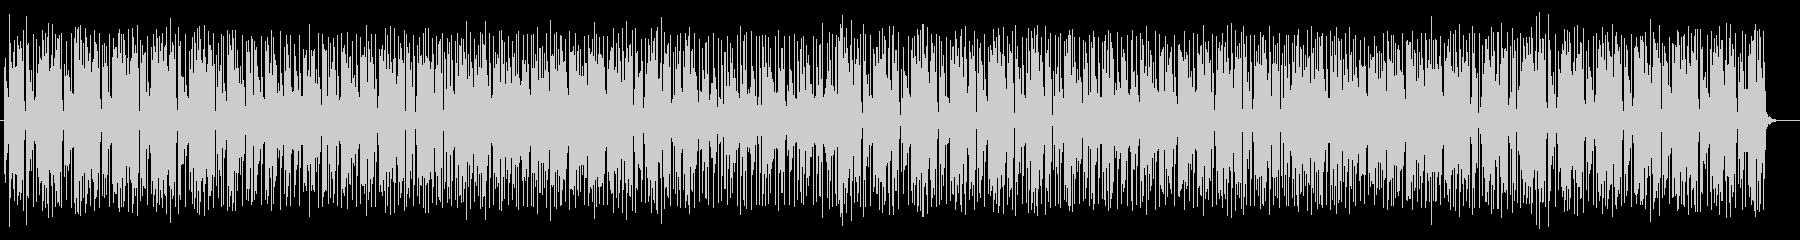 活気あるポップミュージックの未再生の波形